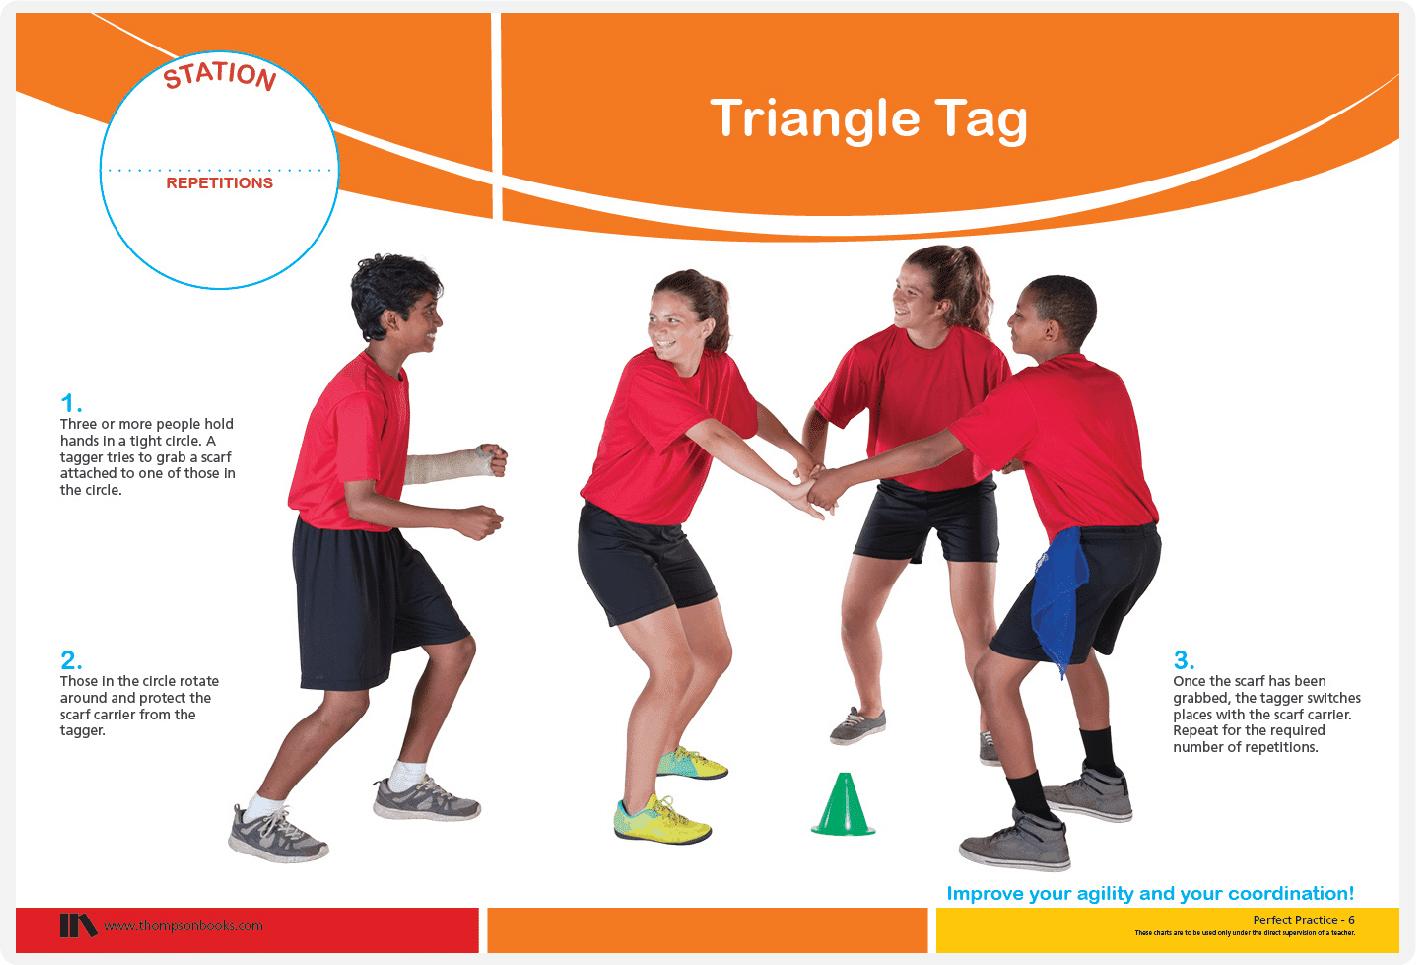 Triangle tag fun PE games